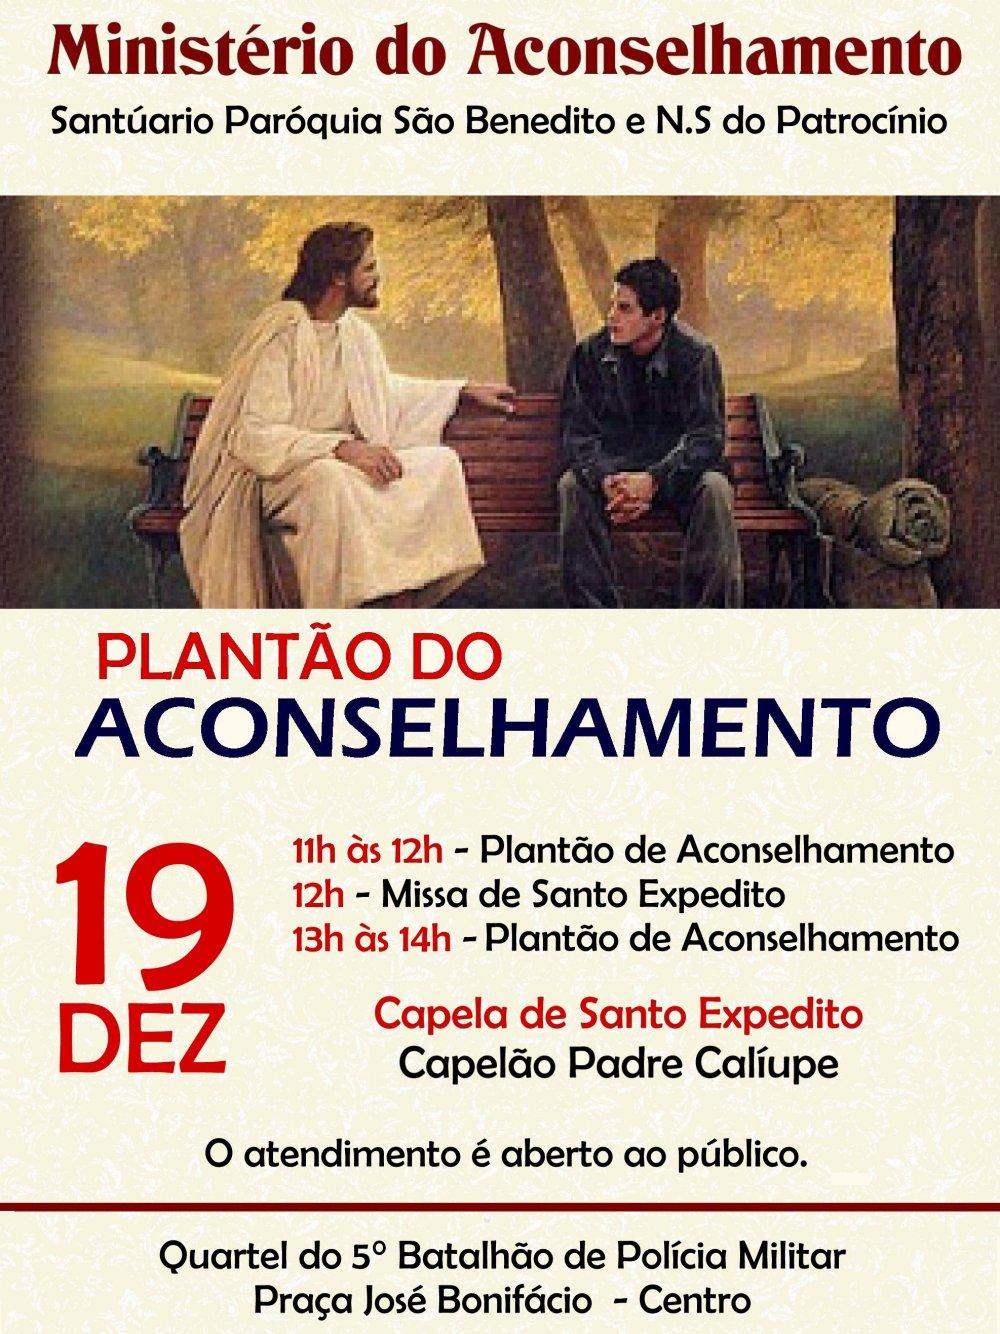 Mutirão do Aconselhamento dia 19/12 na Capela de Santo Expedito do Quartel do 5° Batalhão de Polícia Militar. Participe!